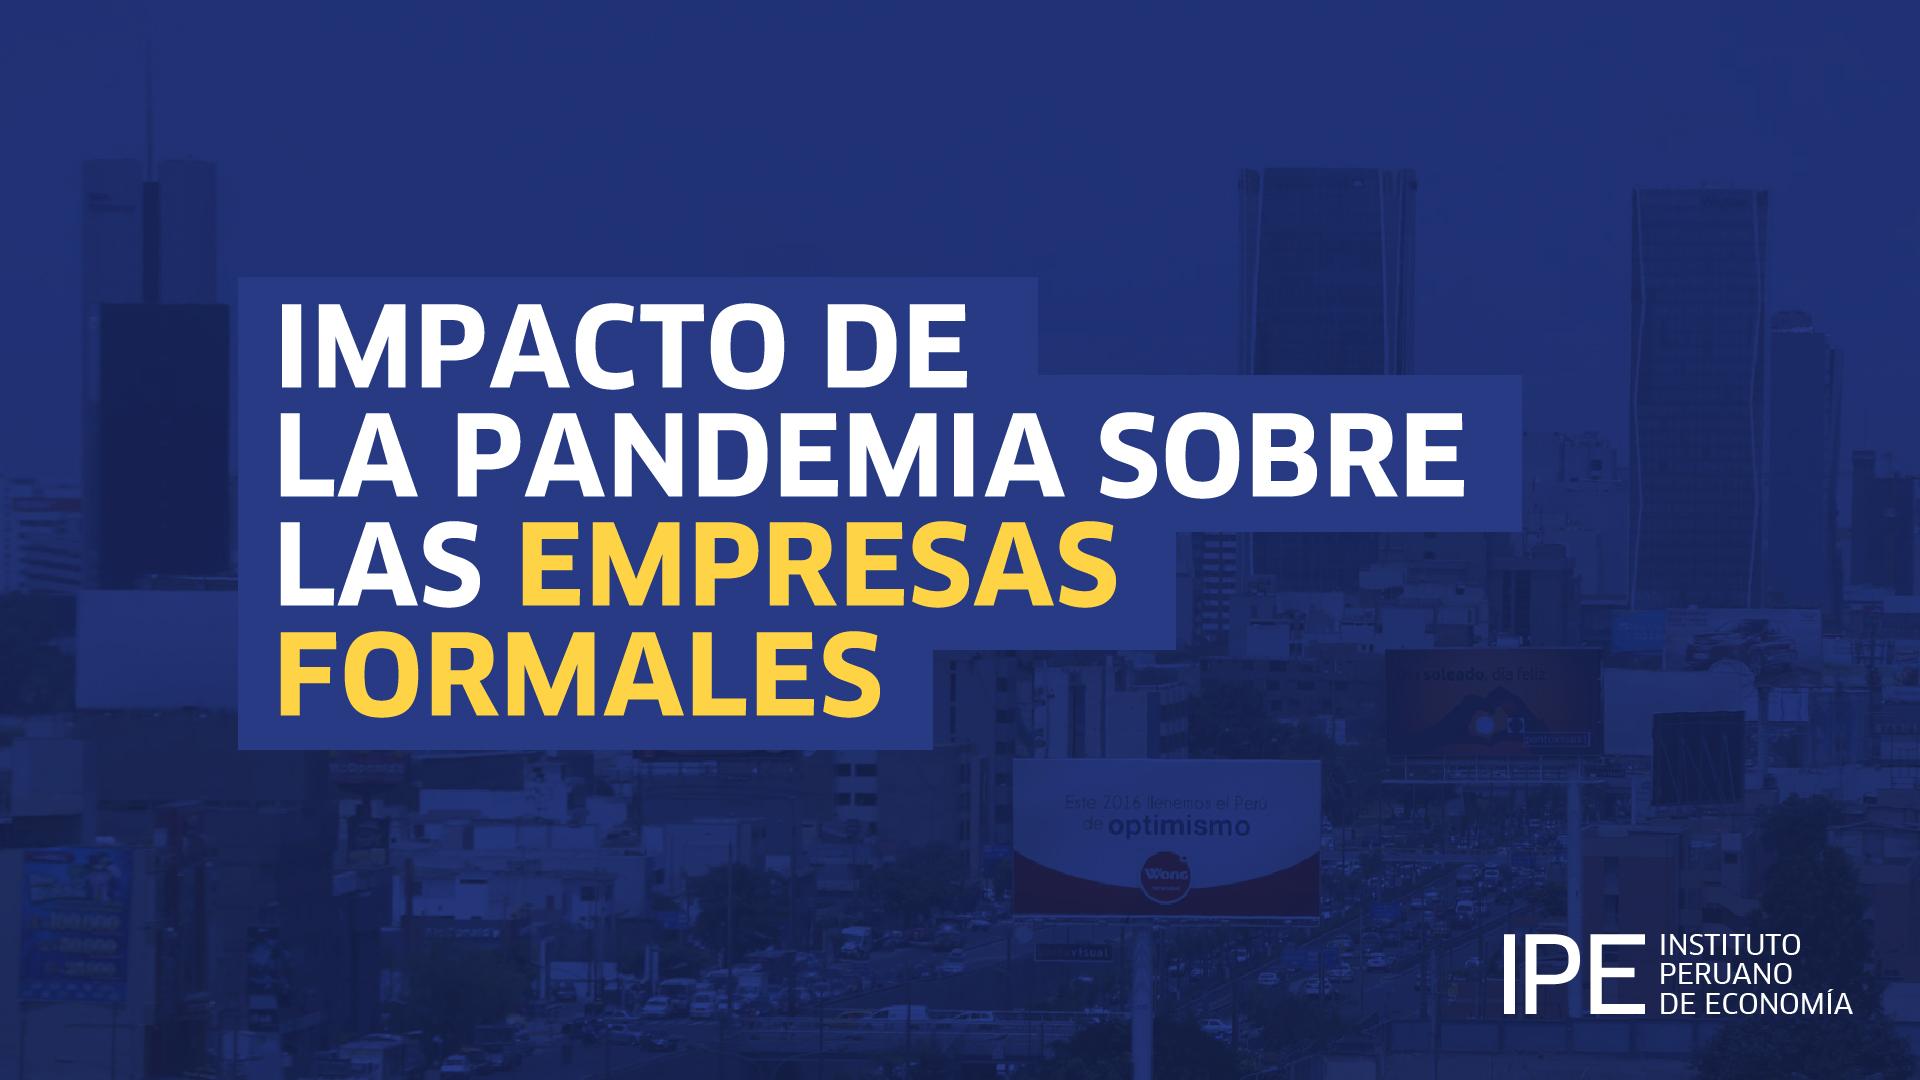 impacto empresas formales, empresas formales, empresas, tejido empresarial, Perú, economía, laboral